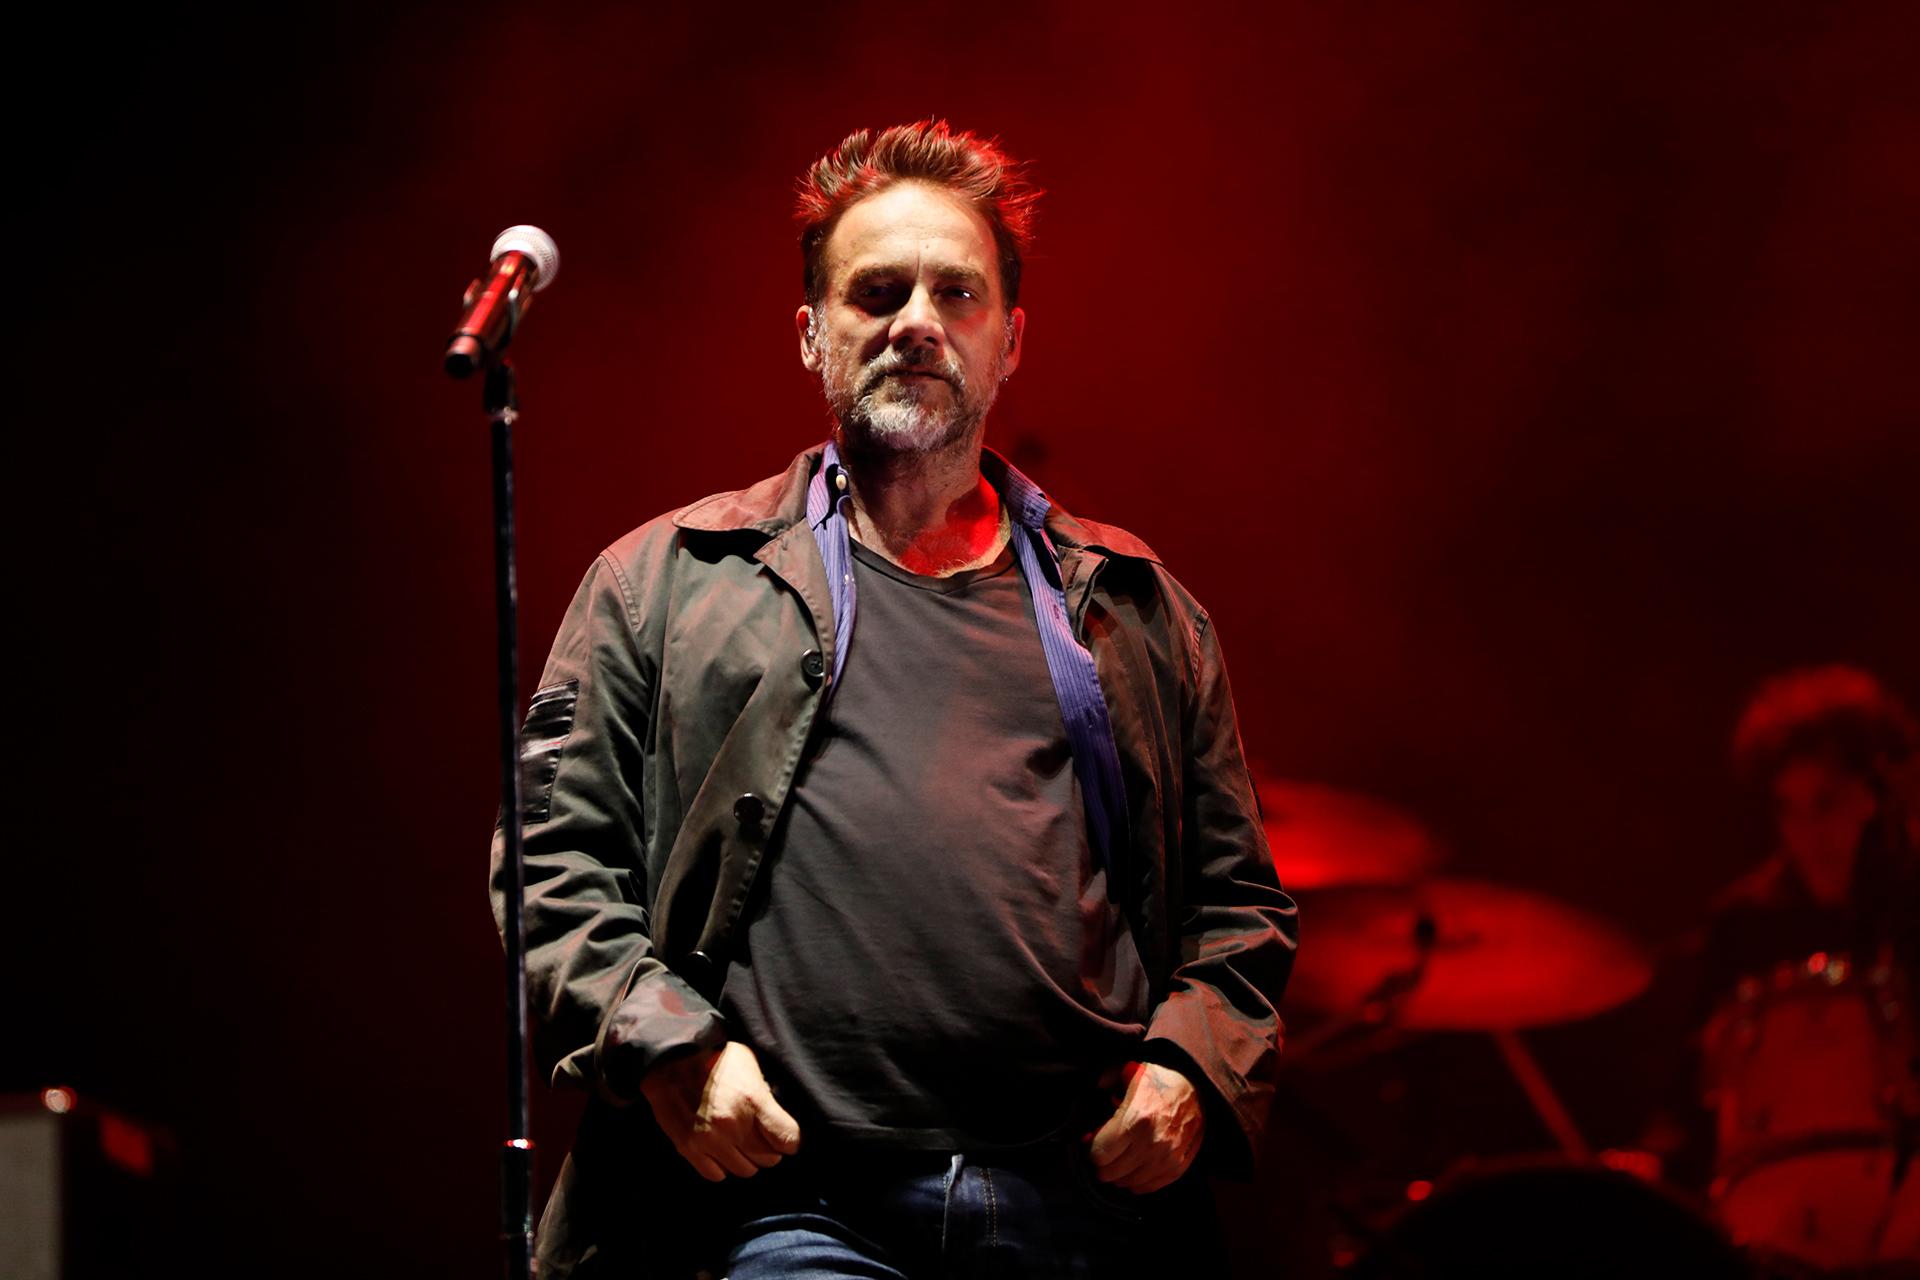 El público se juntó frente al Alternative Stage para ver al músico argentino (Chule Valerga)